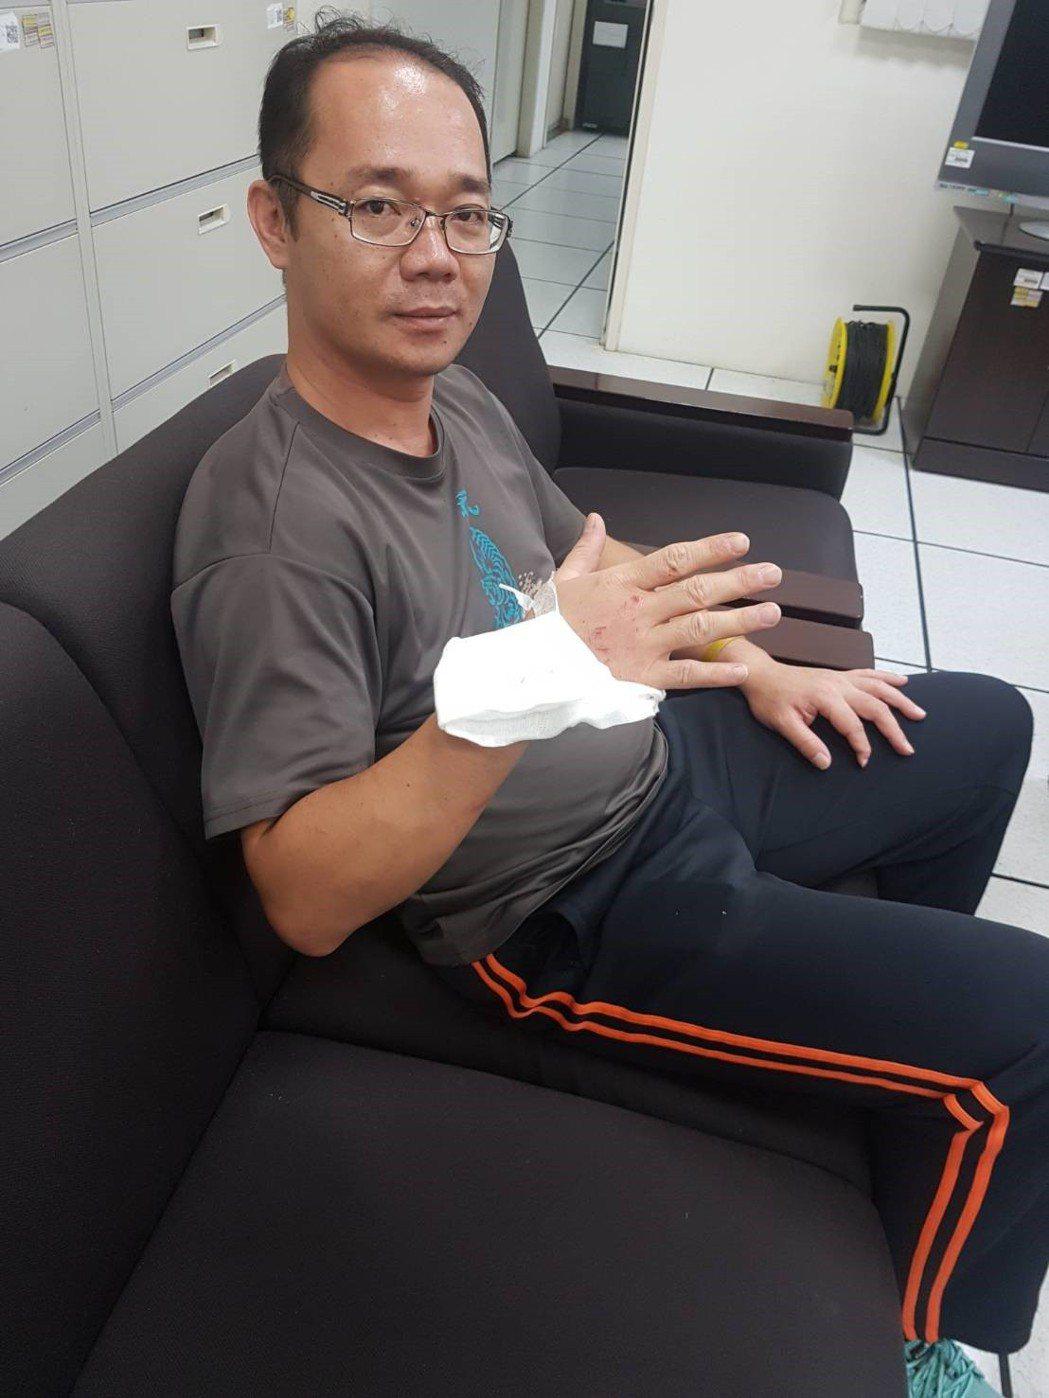 張振昌徒手救人時,手因此擦傷。記者陳妍霖/翻攝